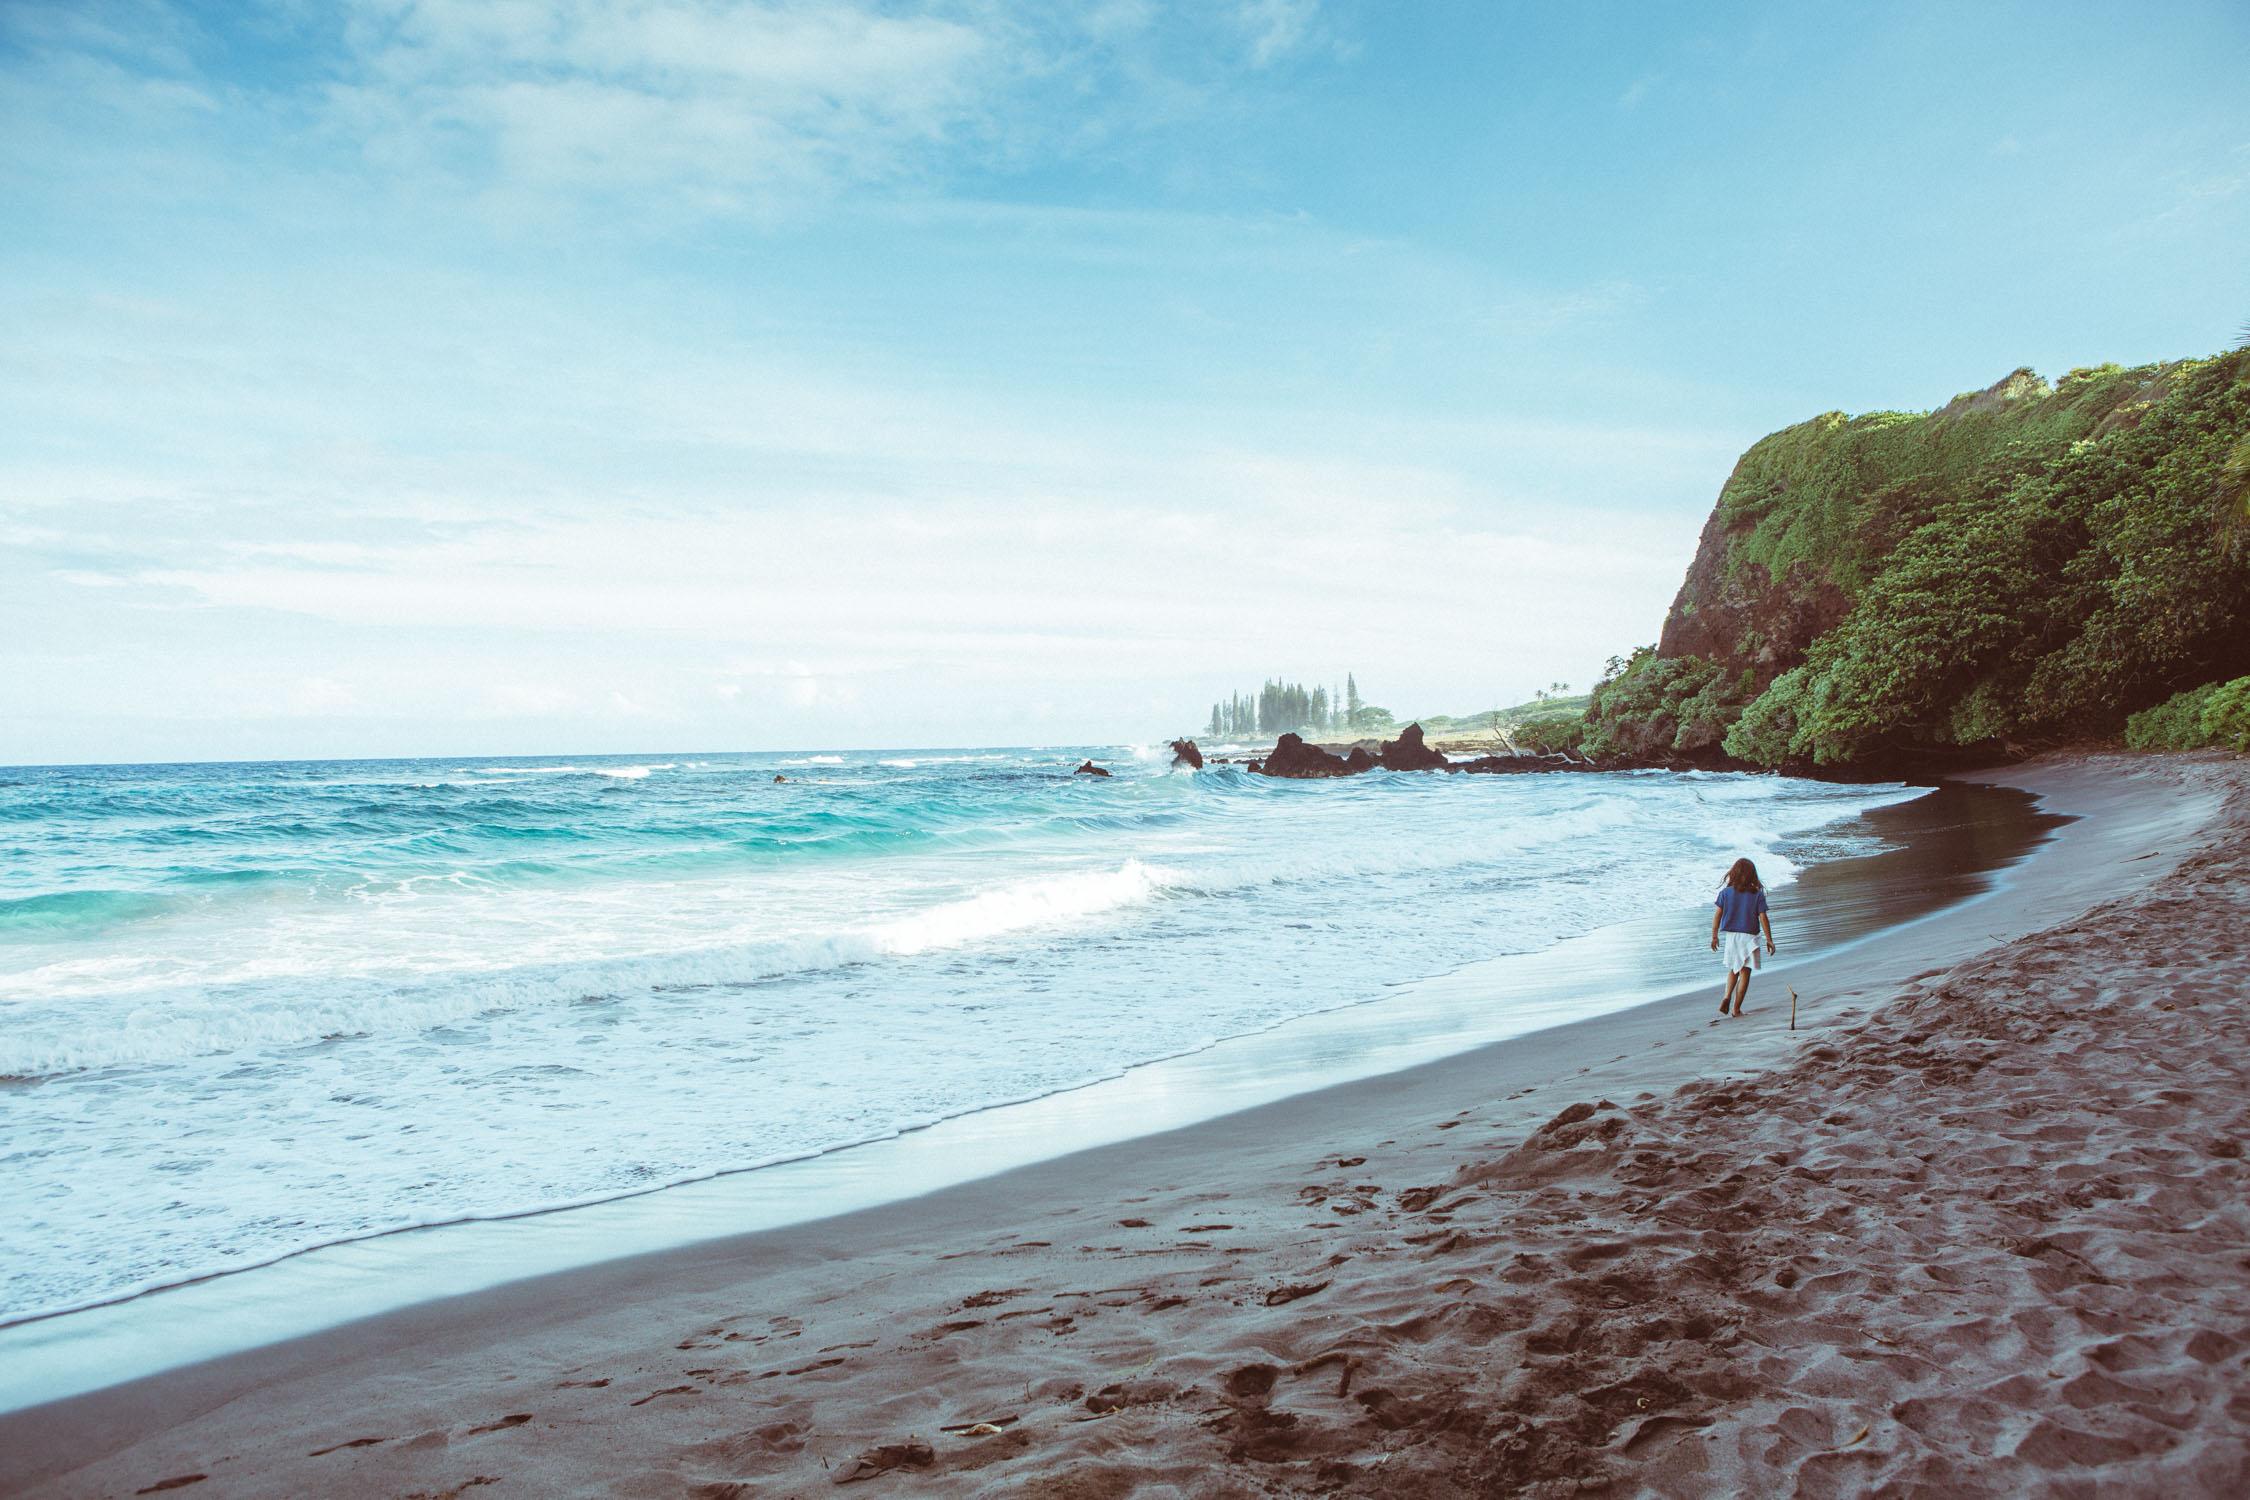 Hana, Maui, by Madeline Lu-39.jpg